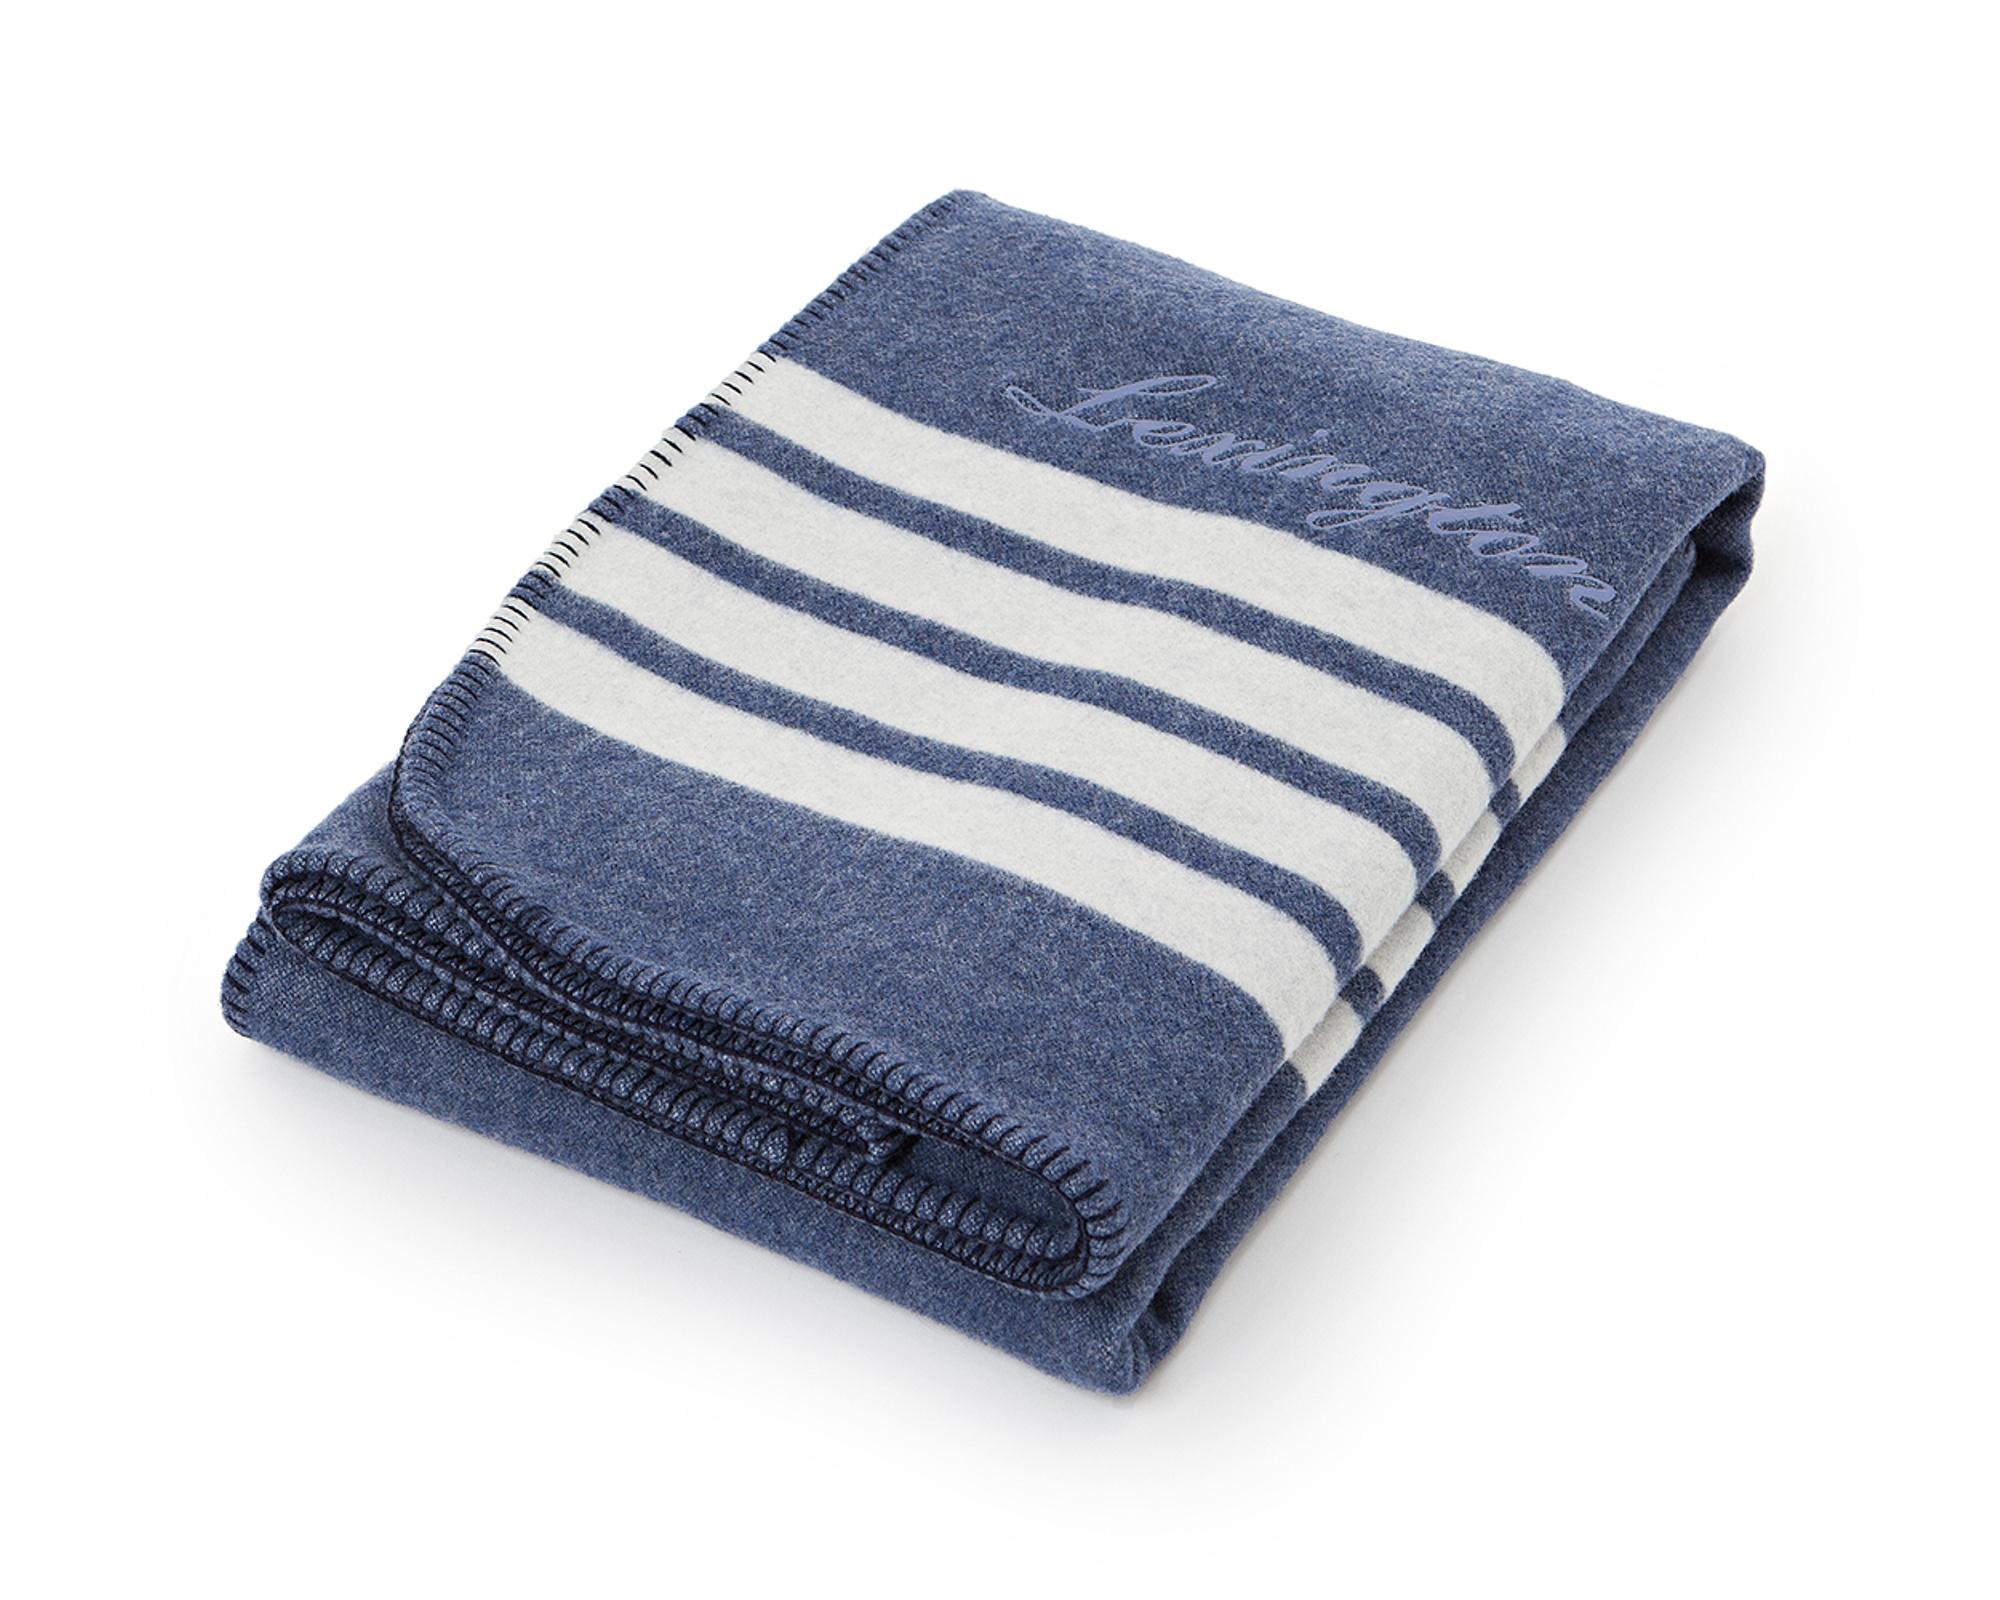 Bed Blanket, Blue